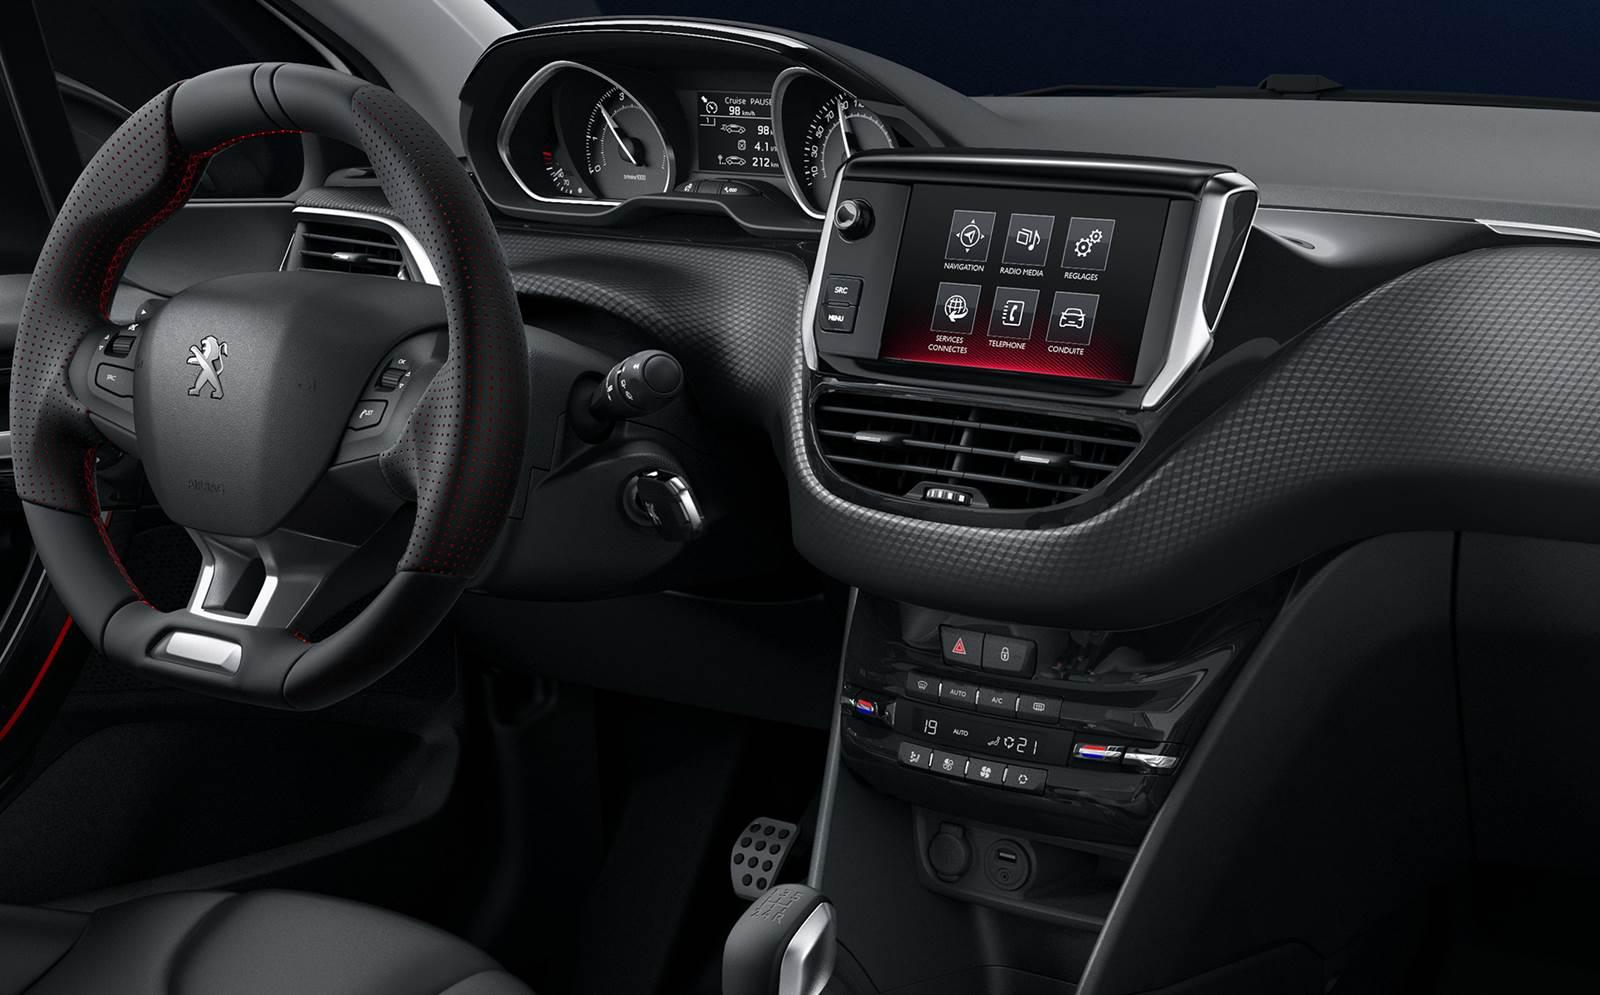 Novo peugeot 208 2016 v deo e especifica es oficiais for Peugeot 208 interior 2017